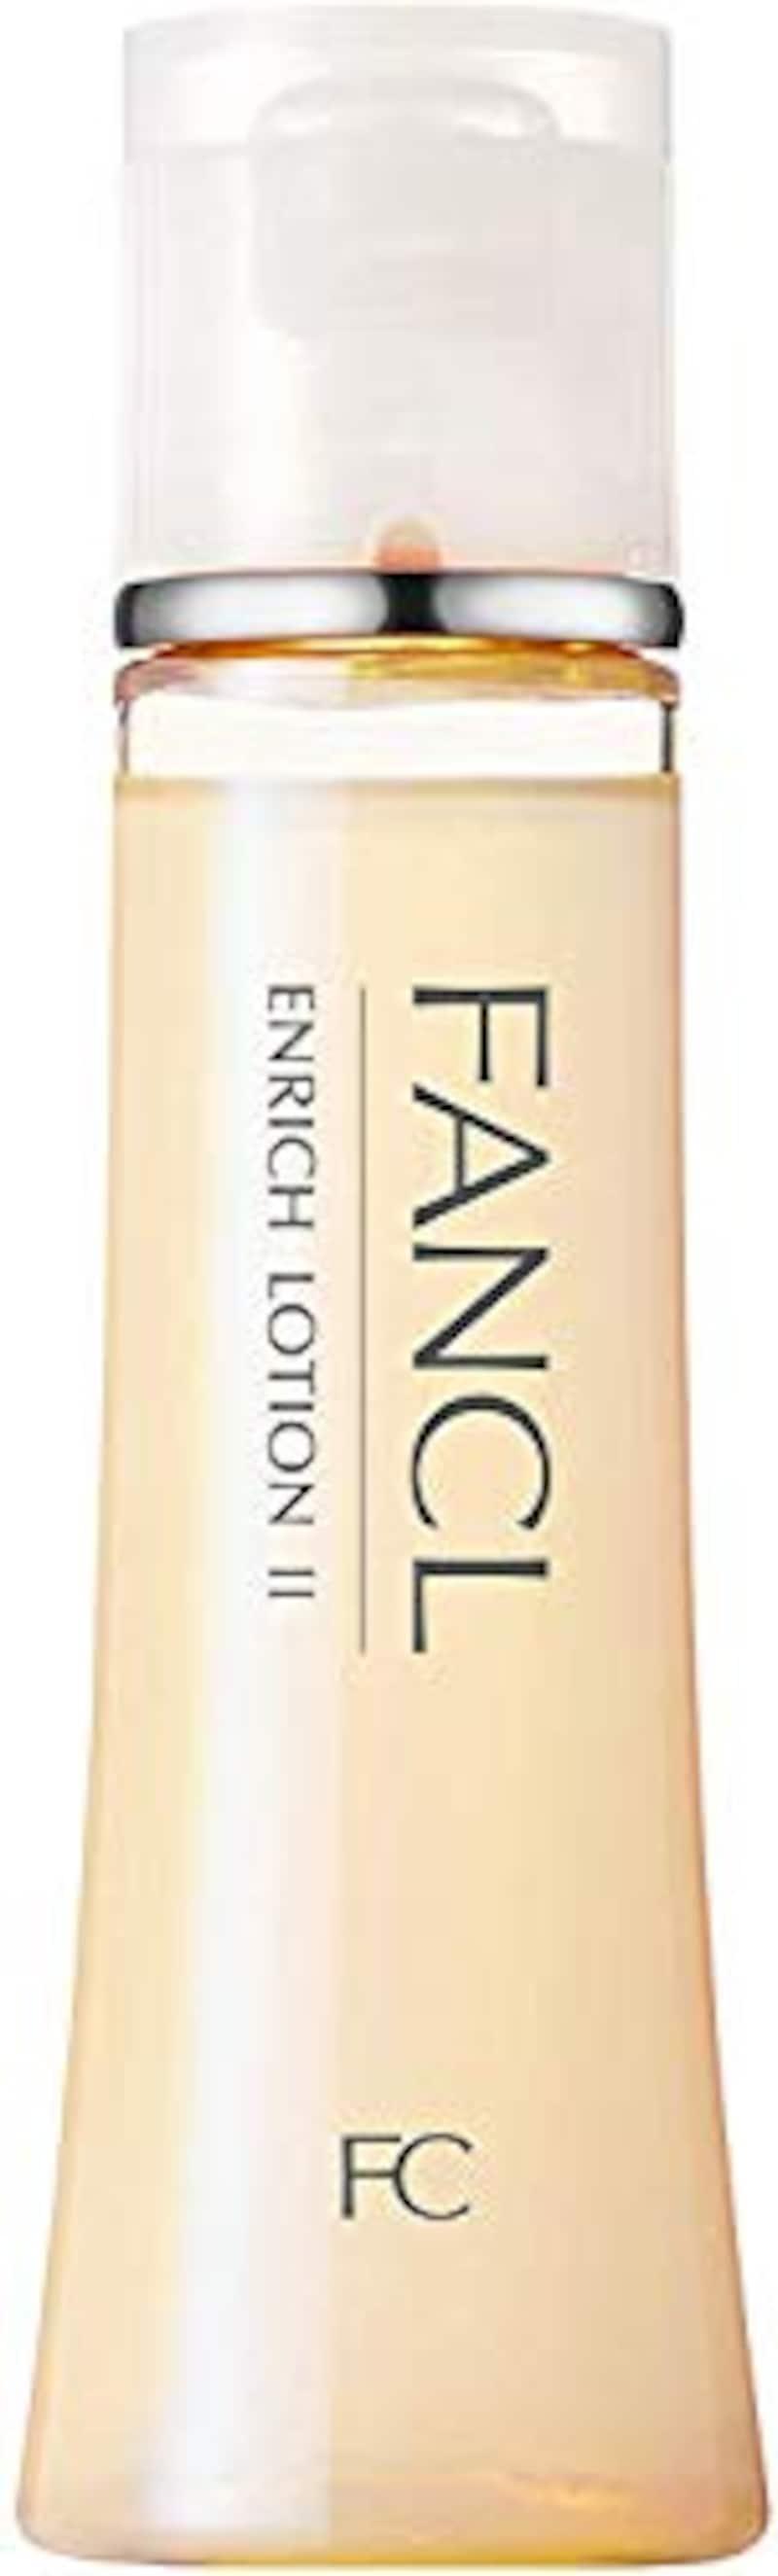 FANCL(ファンケル),エンリッチ 化粧液II しっとり 1本 30mL